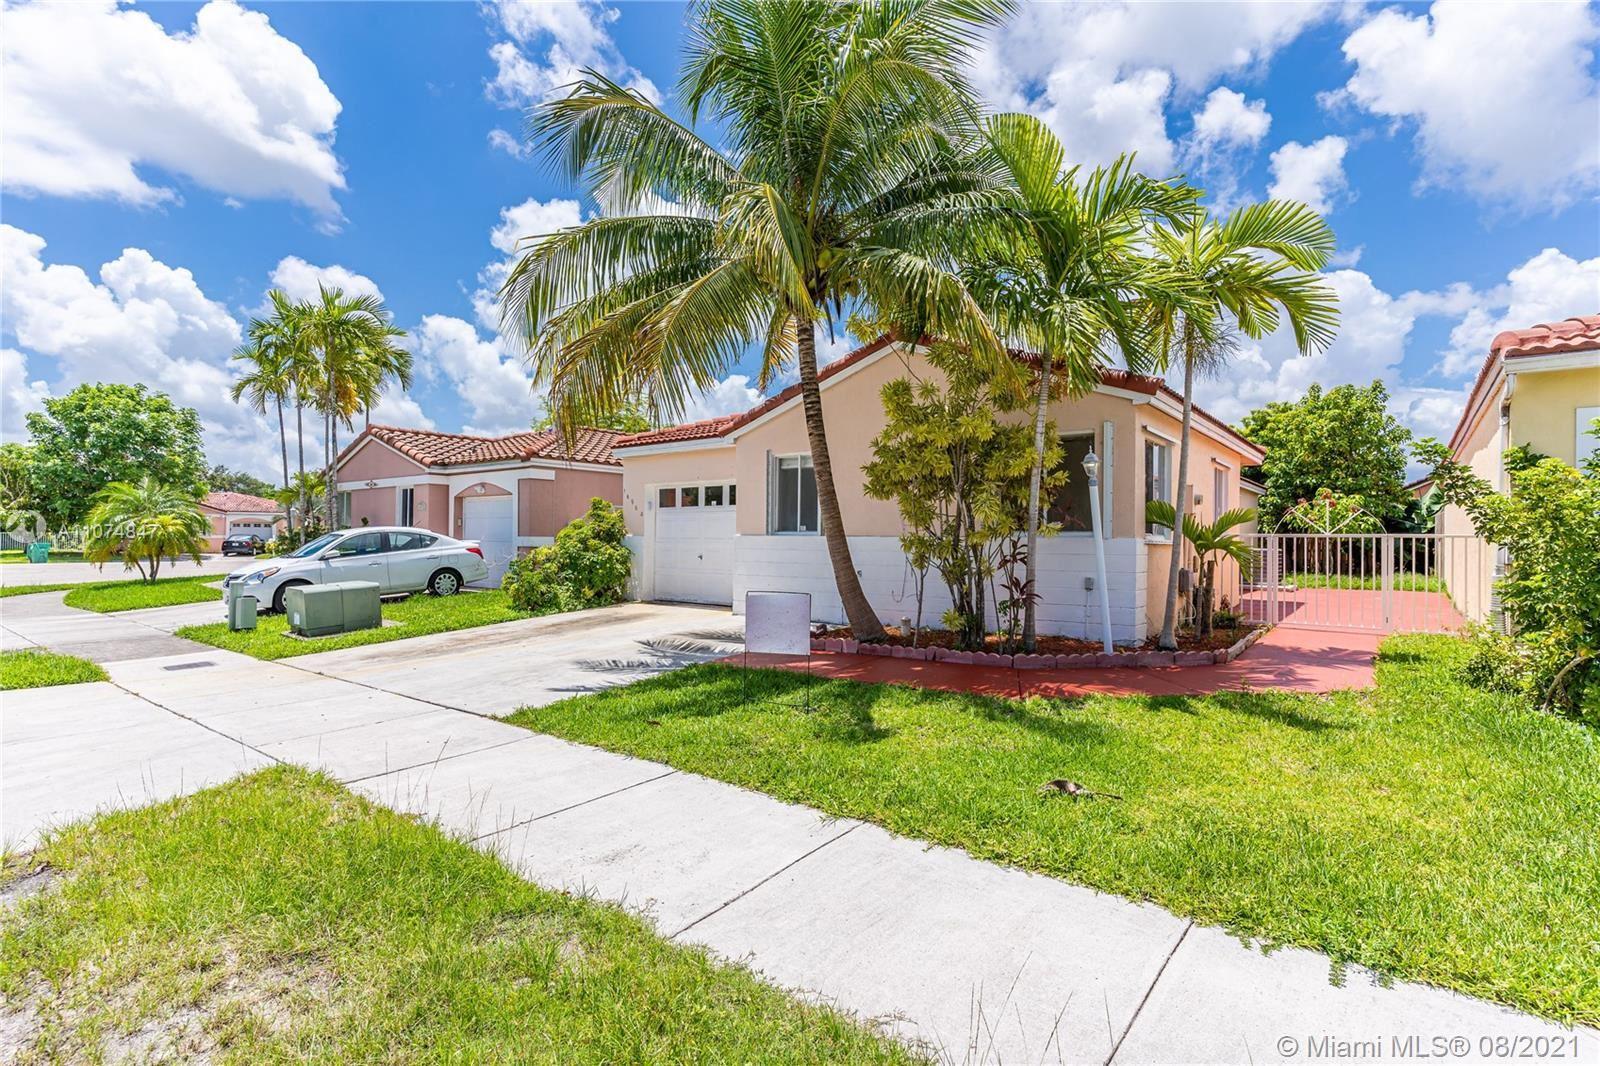 16900 SW 139th Pl, Miami, FL 33177 - #: A11074847